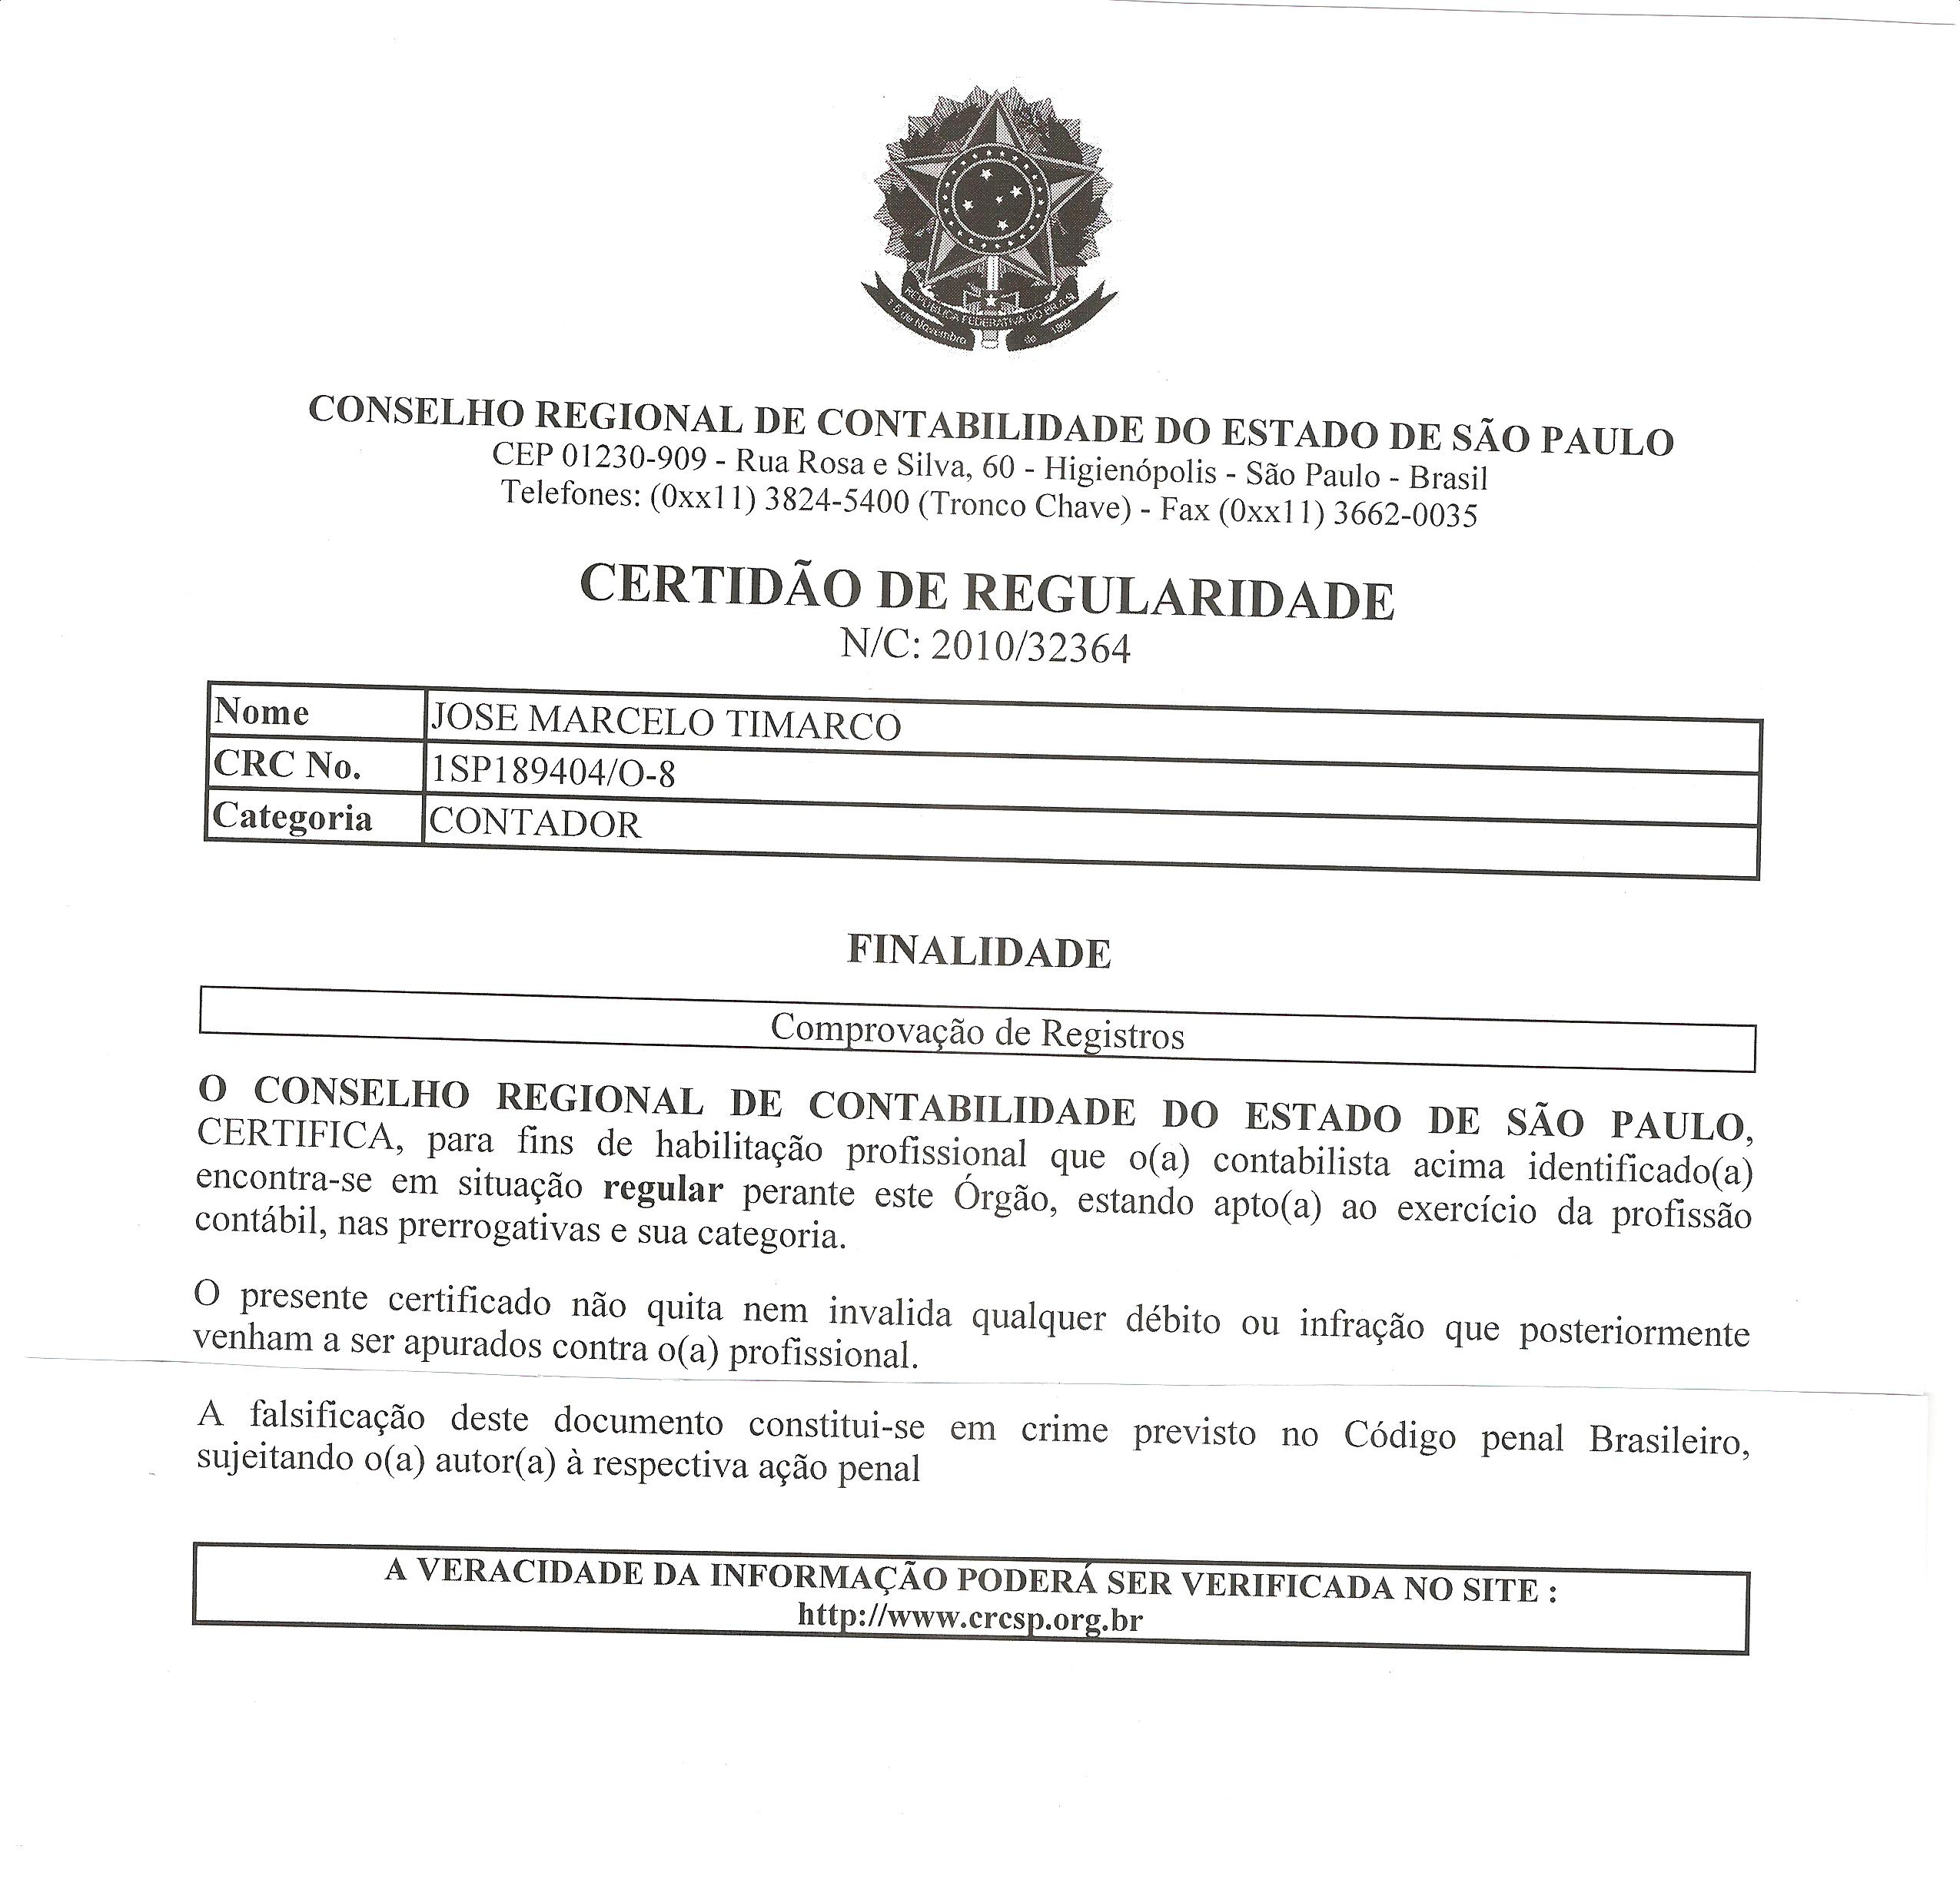 Credenciado para Comprovação de Registros